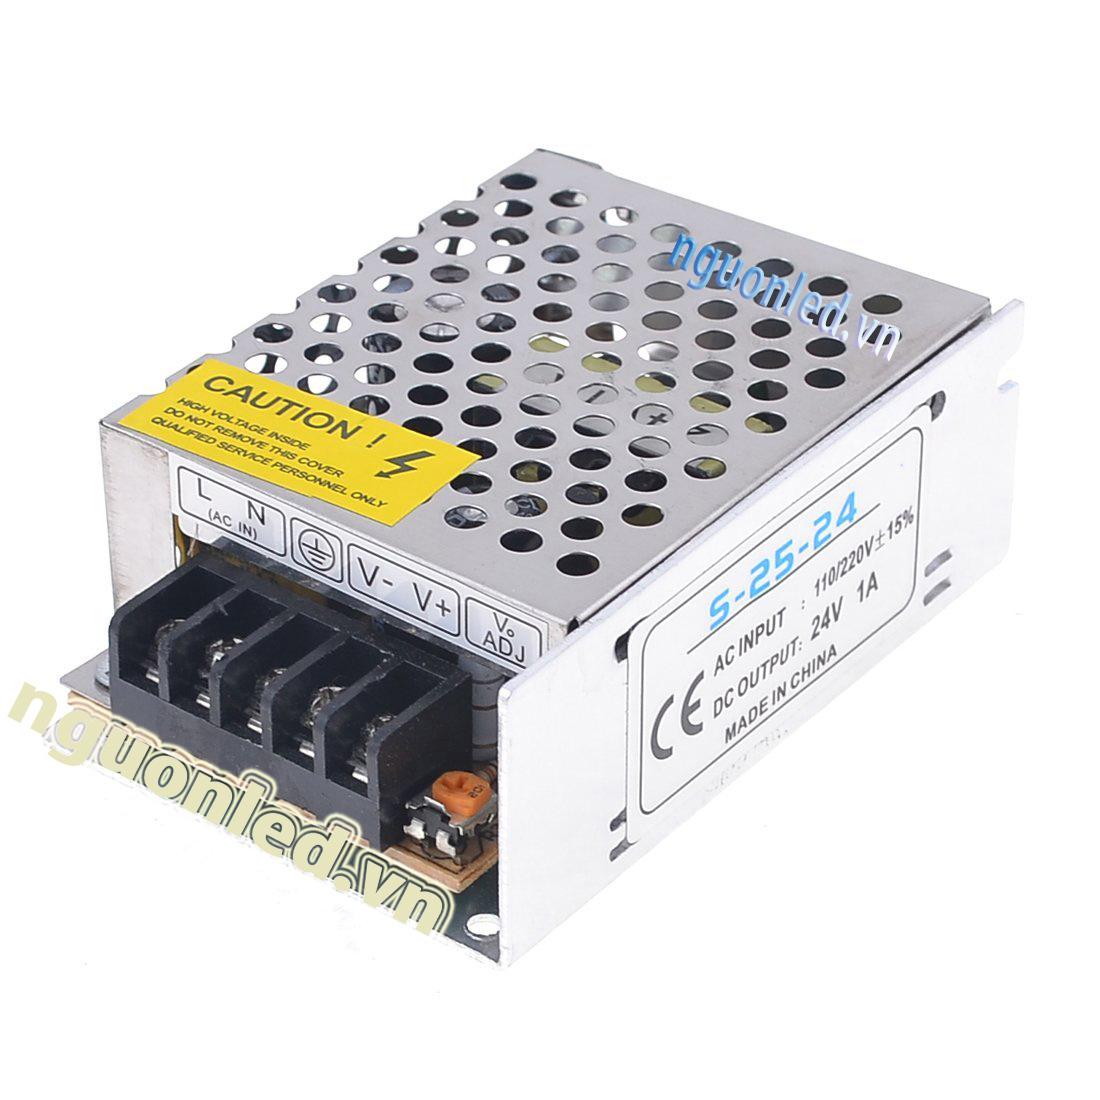 Bộ nguồn 24V 1A loại tốt dùng cho camera, đèn led và điện công nghiệp mua tại nguonled.vn